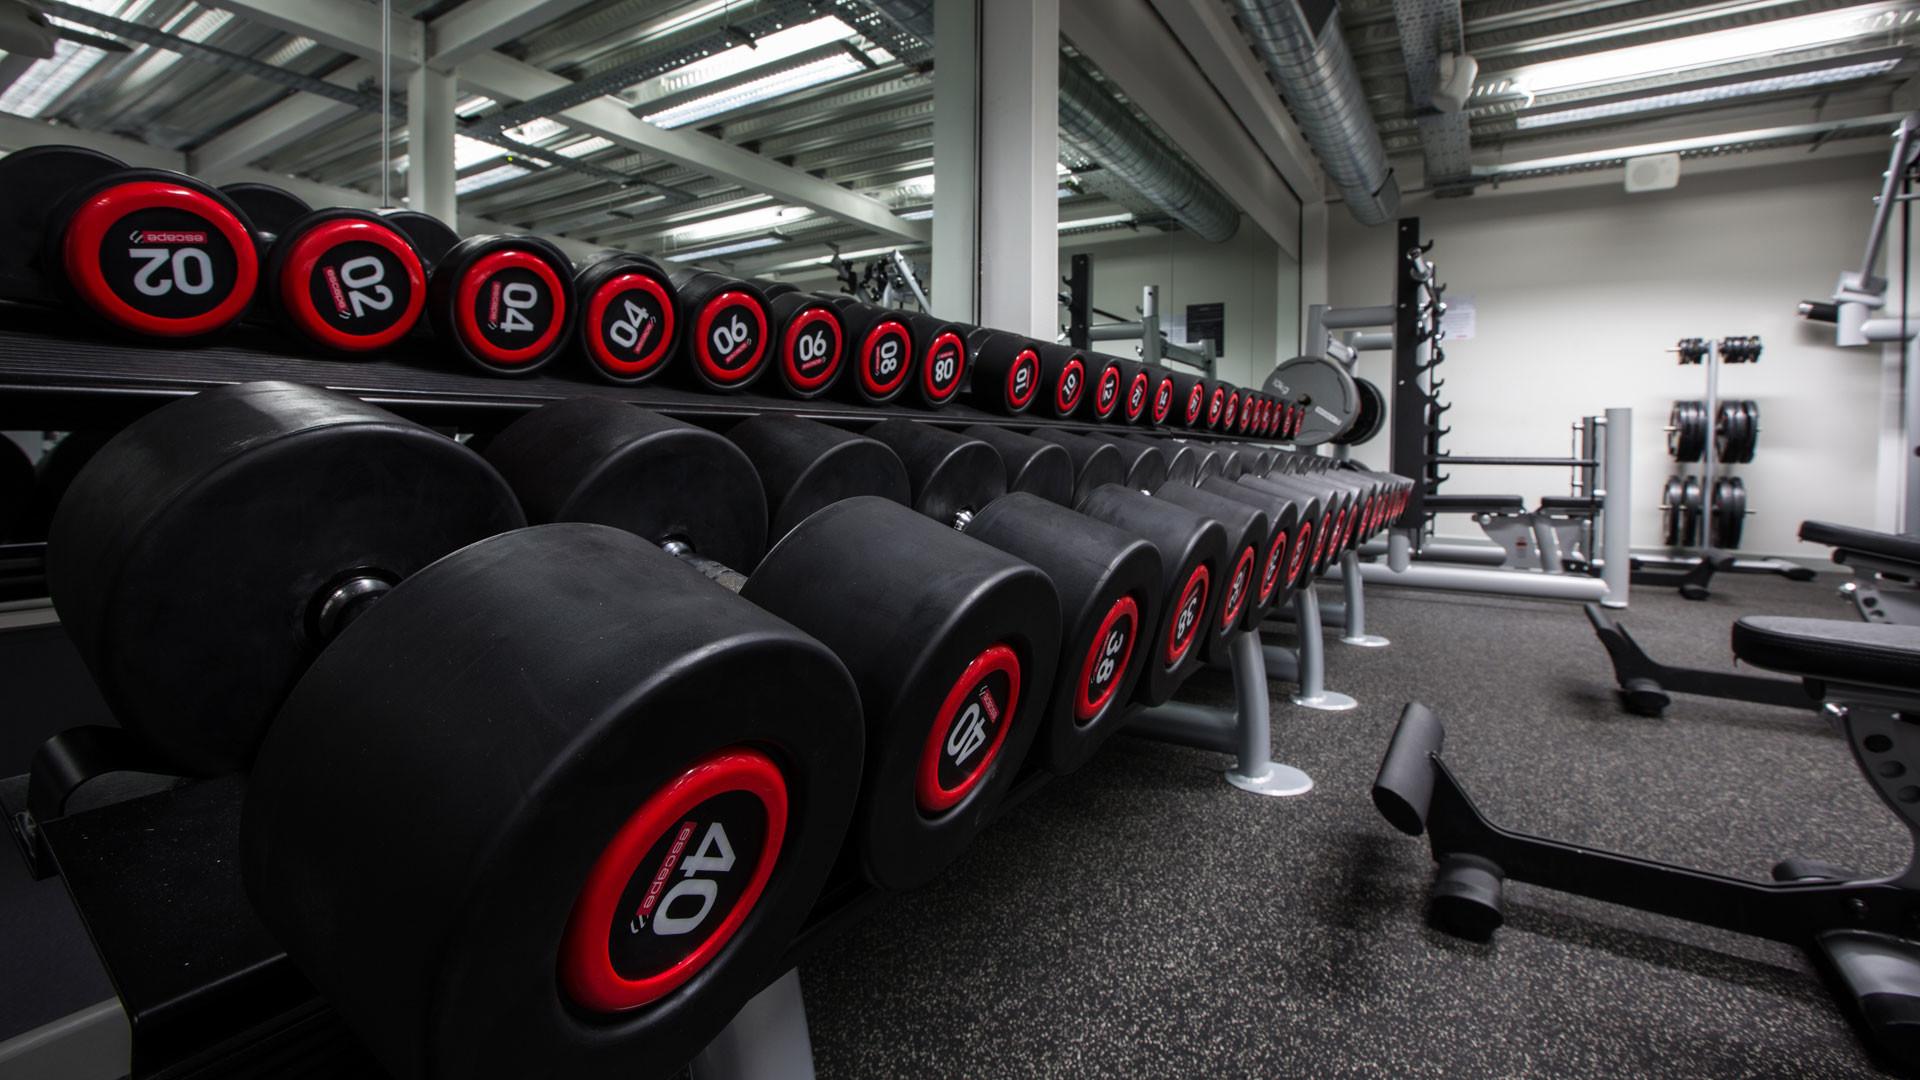 gym wallpaper hd – Google Search